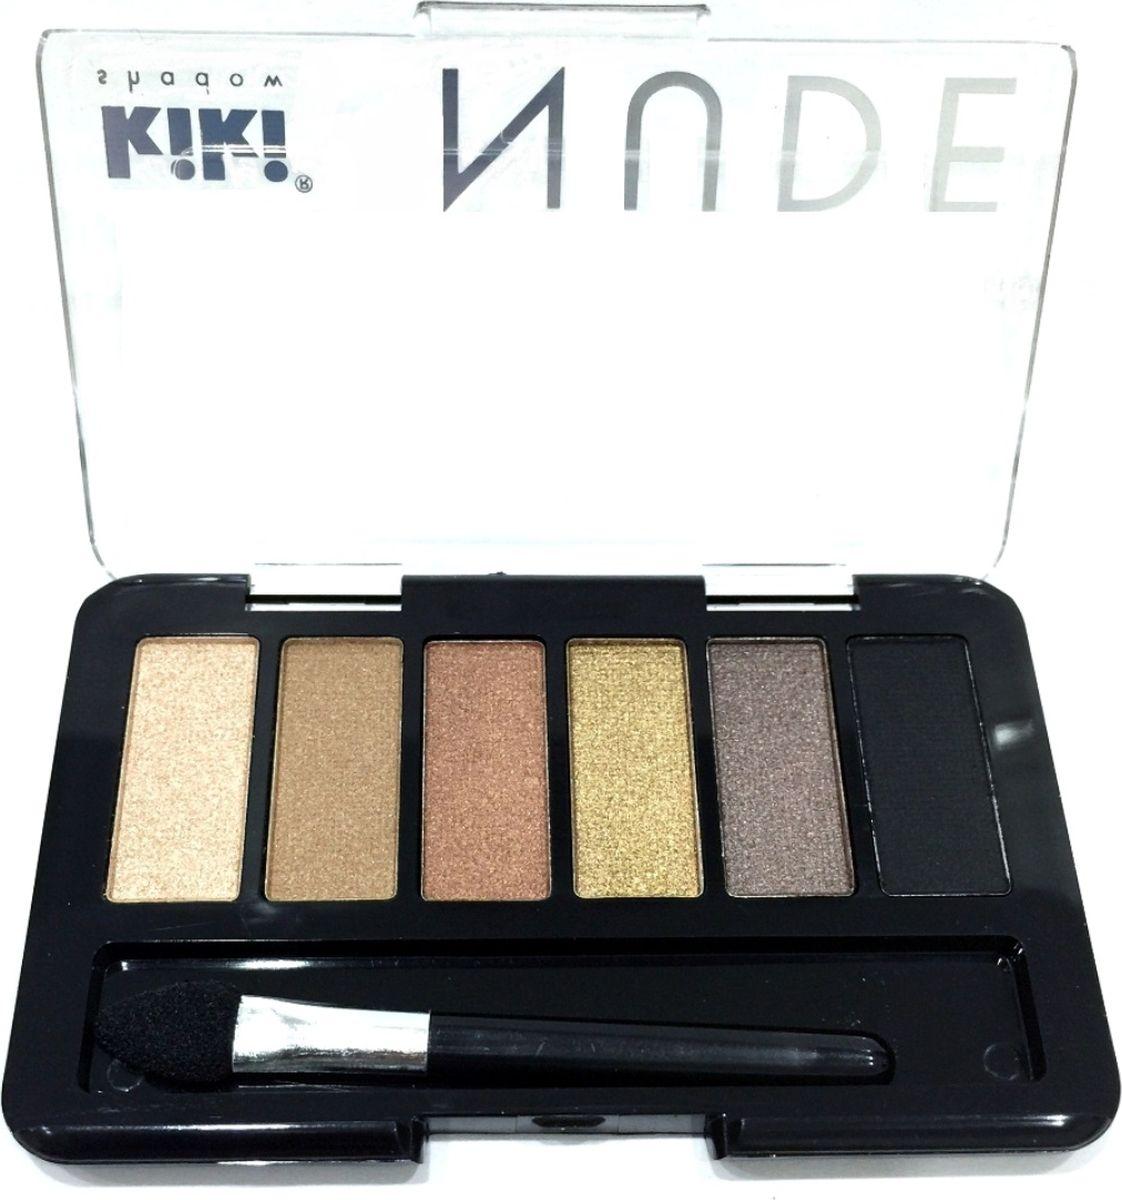 Kiki Тени для век shadow Nude 903, 2.76 гр002722Шесть идеально подобранных оттенков в нюдовых тонах не оставят вас равнодушными. Тени обладают нежной, хорошо поддающейся растушевке текстурой. Благодаря удобному аппликатору макияж можно создавать буквально на ходу.